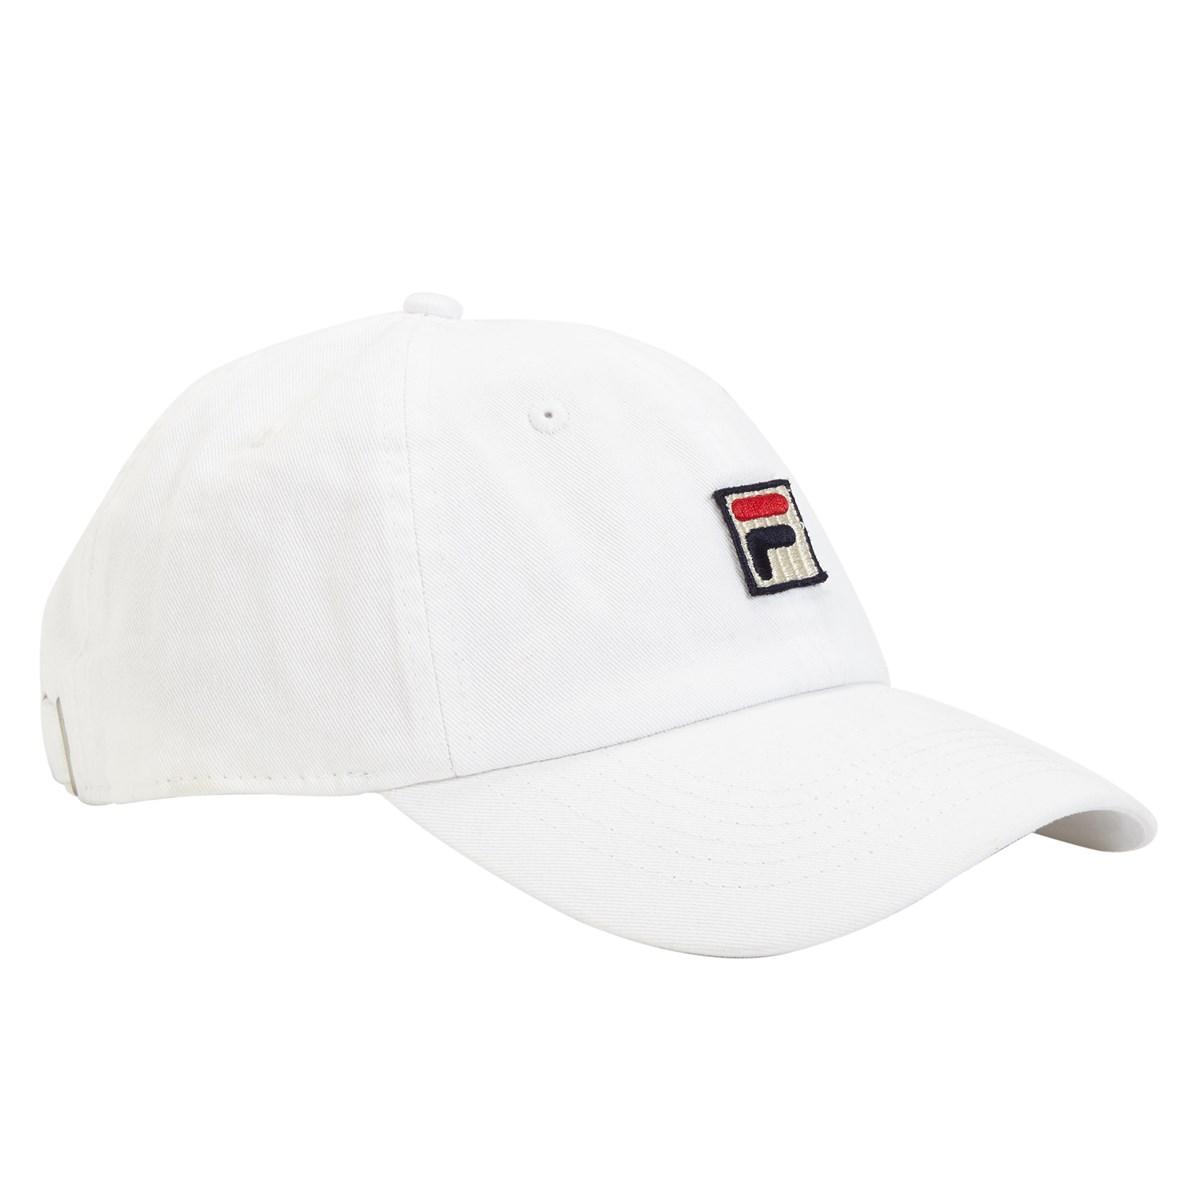 F-HT03341 White Cap